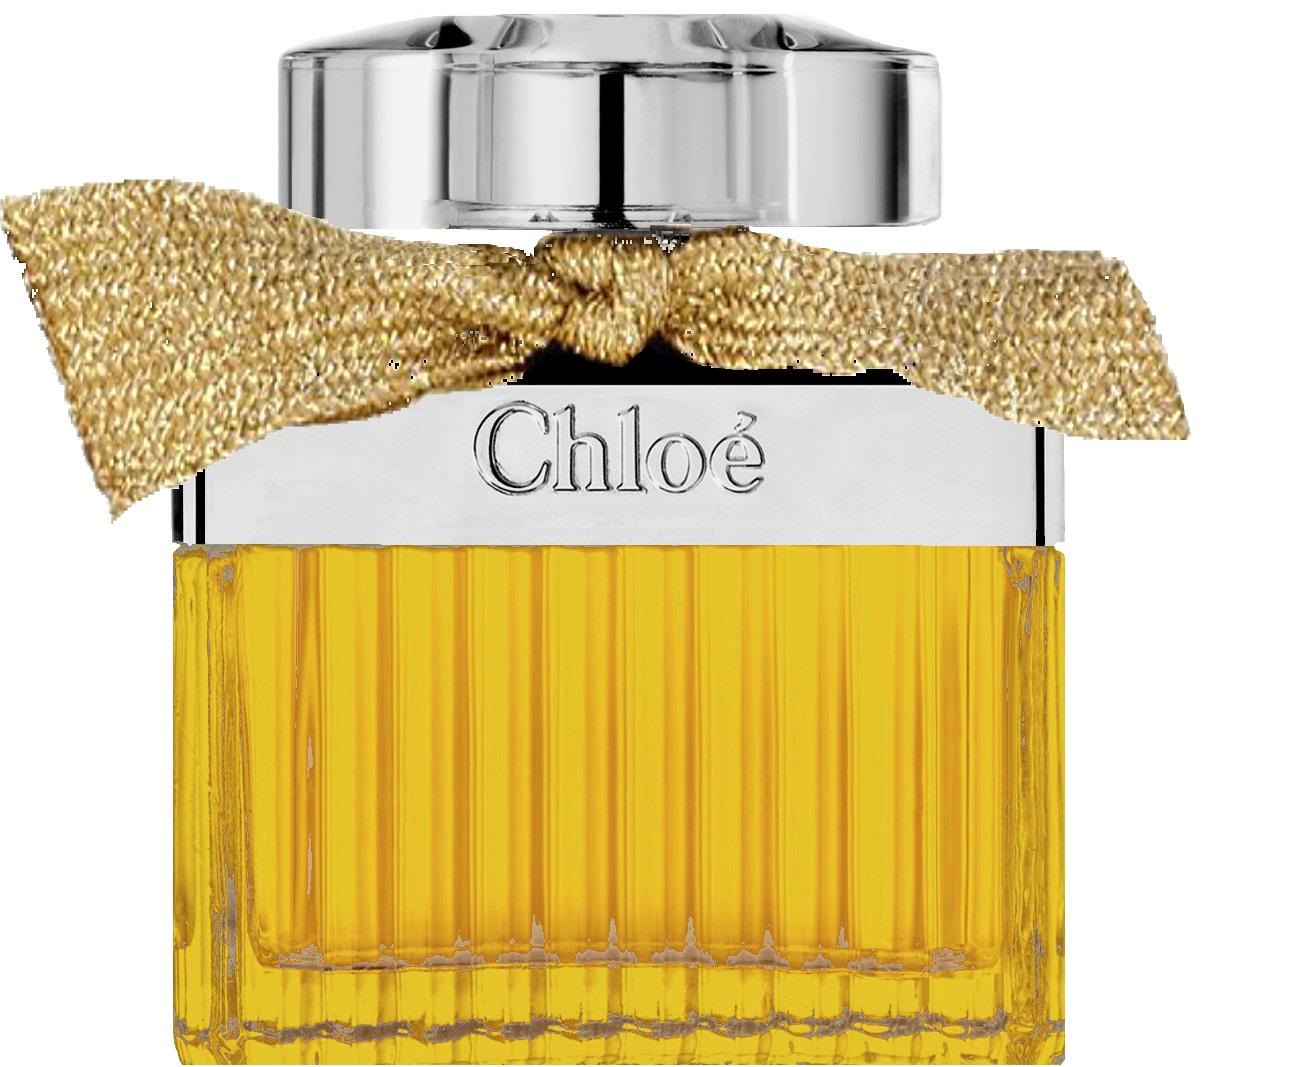 Chloe Eau De Parfum Intense Collect'Or парфюмированная вода 50мл (Хлое О де Парфюм Коллекционный)